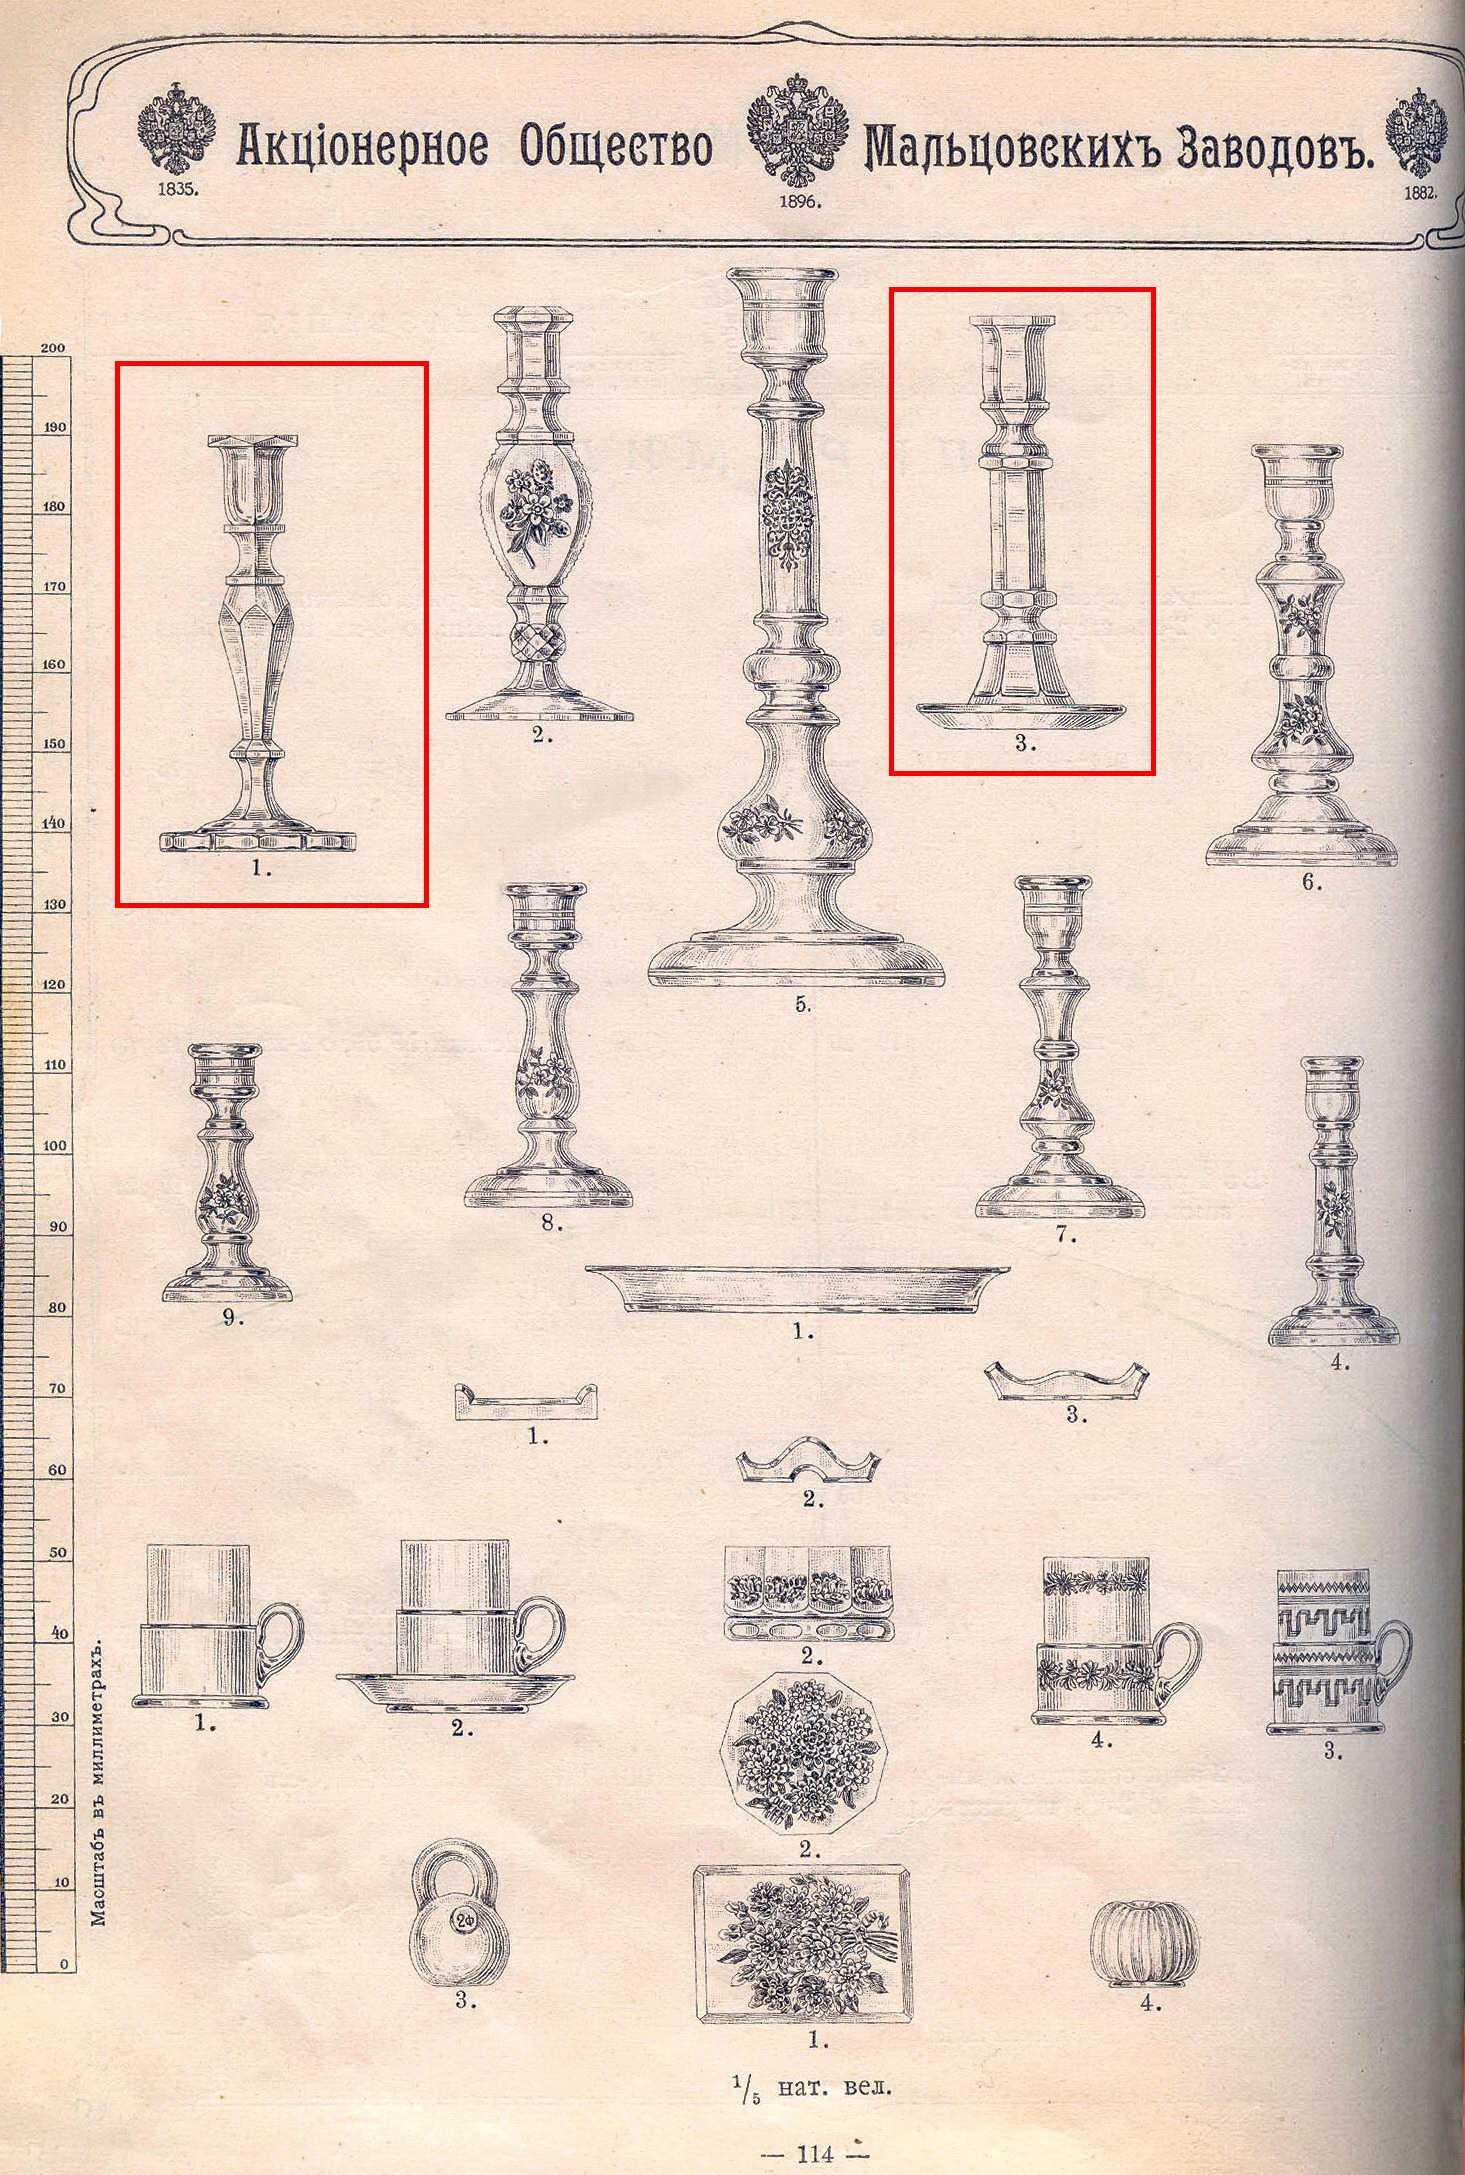 Да будет свет: подсвечники и керосиновые лампы конца ХIХ — начала ХХ века в коллекции Музея дятьковского хрусталя